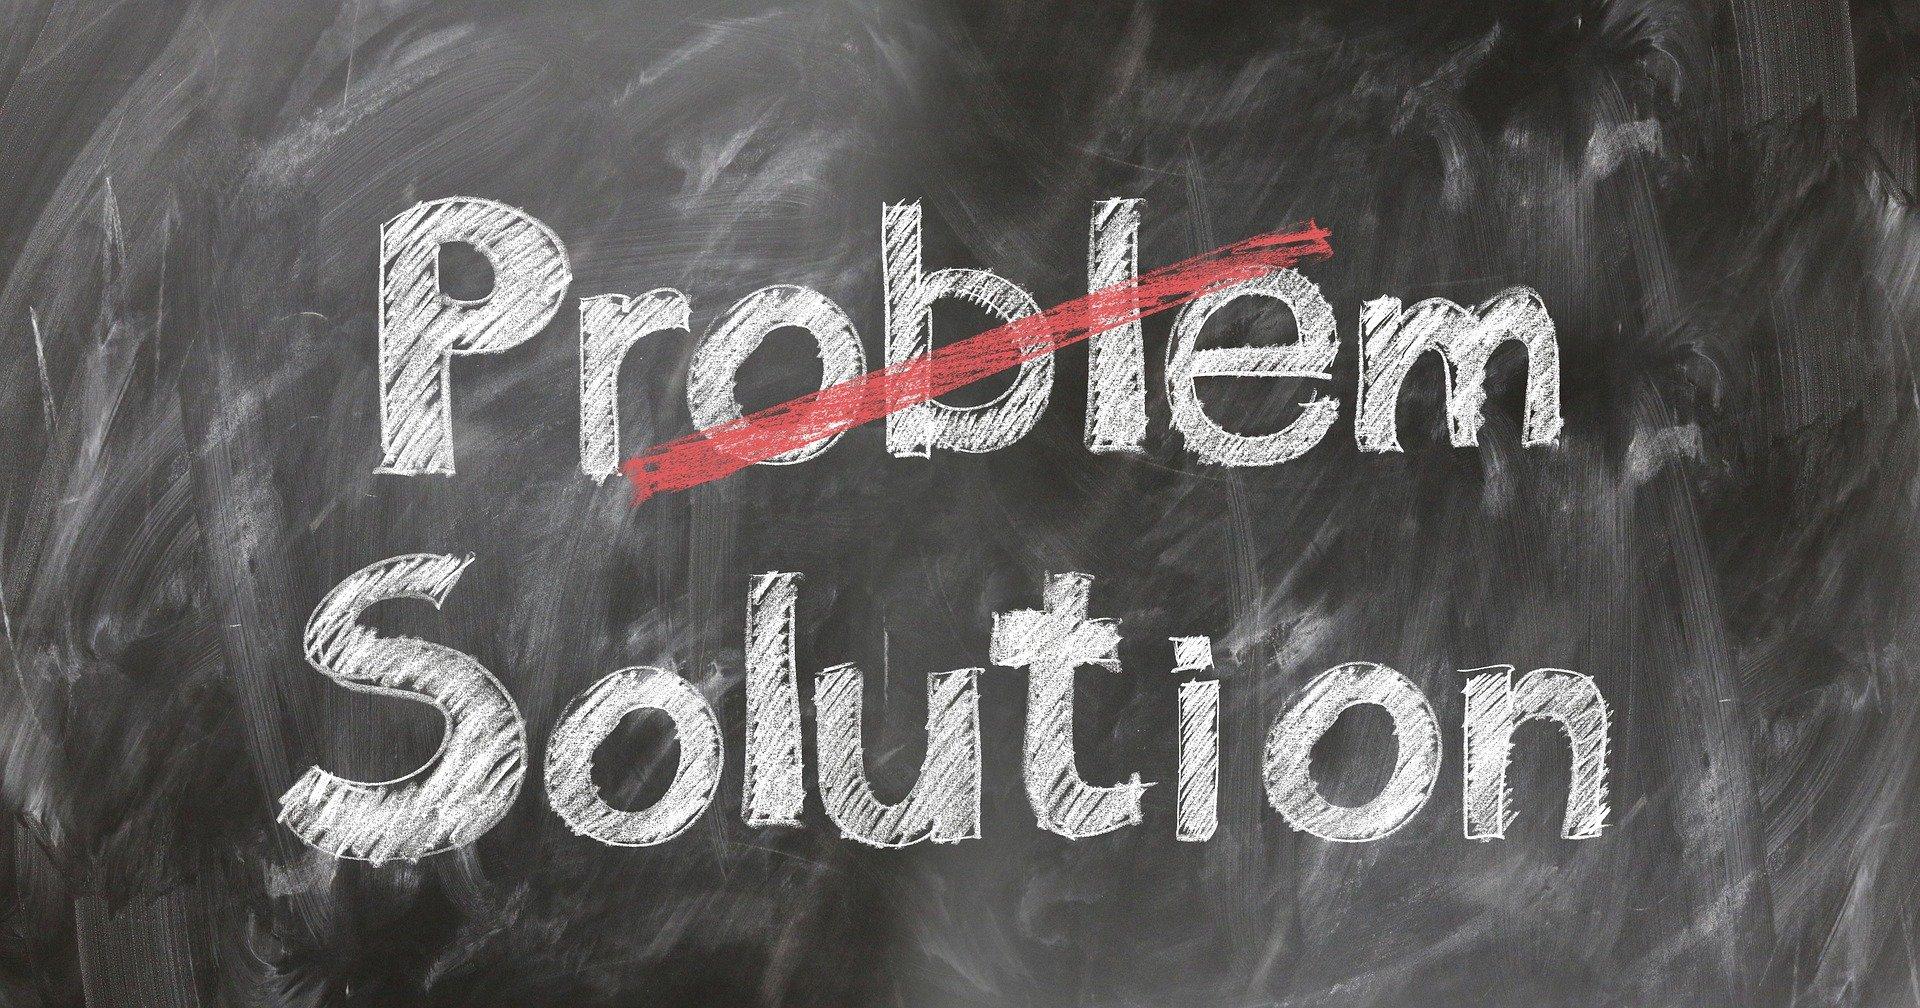 Ο σίγουρος τρόπος για να λύσεις το πρόβλημα σου life coach μανώλης Ισχάκης nlp holistic result coaching